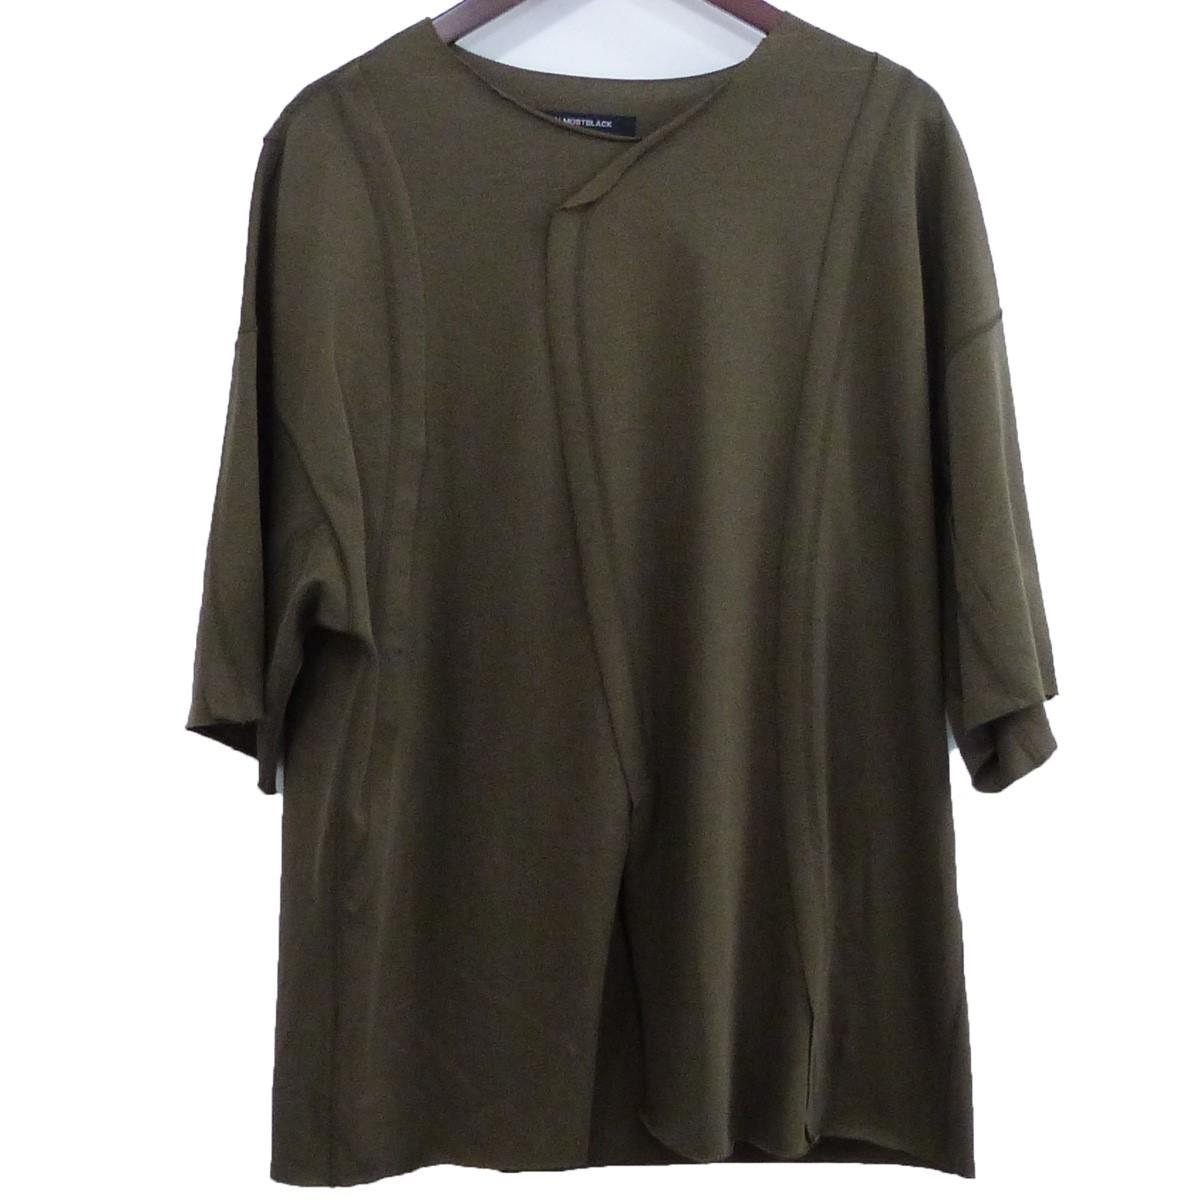 【中古】ALMOSTBLACK 20SS「switching t-shirt」スウィッチングTシャツ カーキ サイズ:1 【220420】(オールモストブラック)